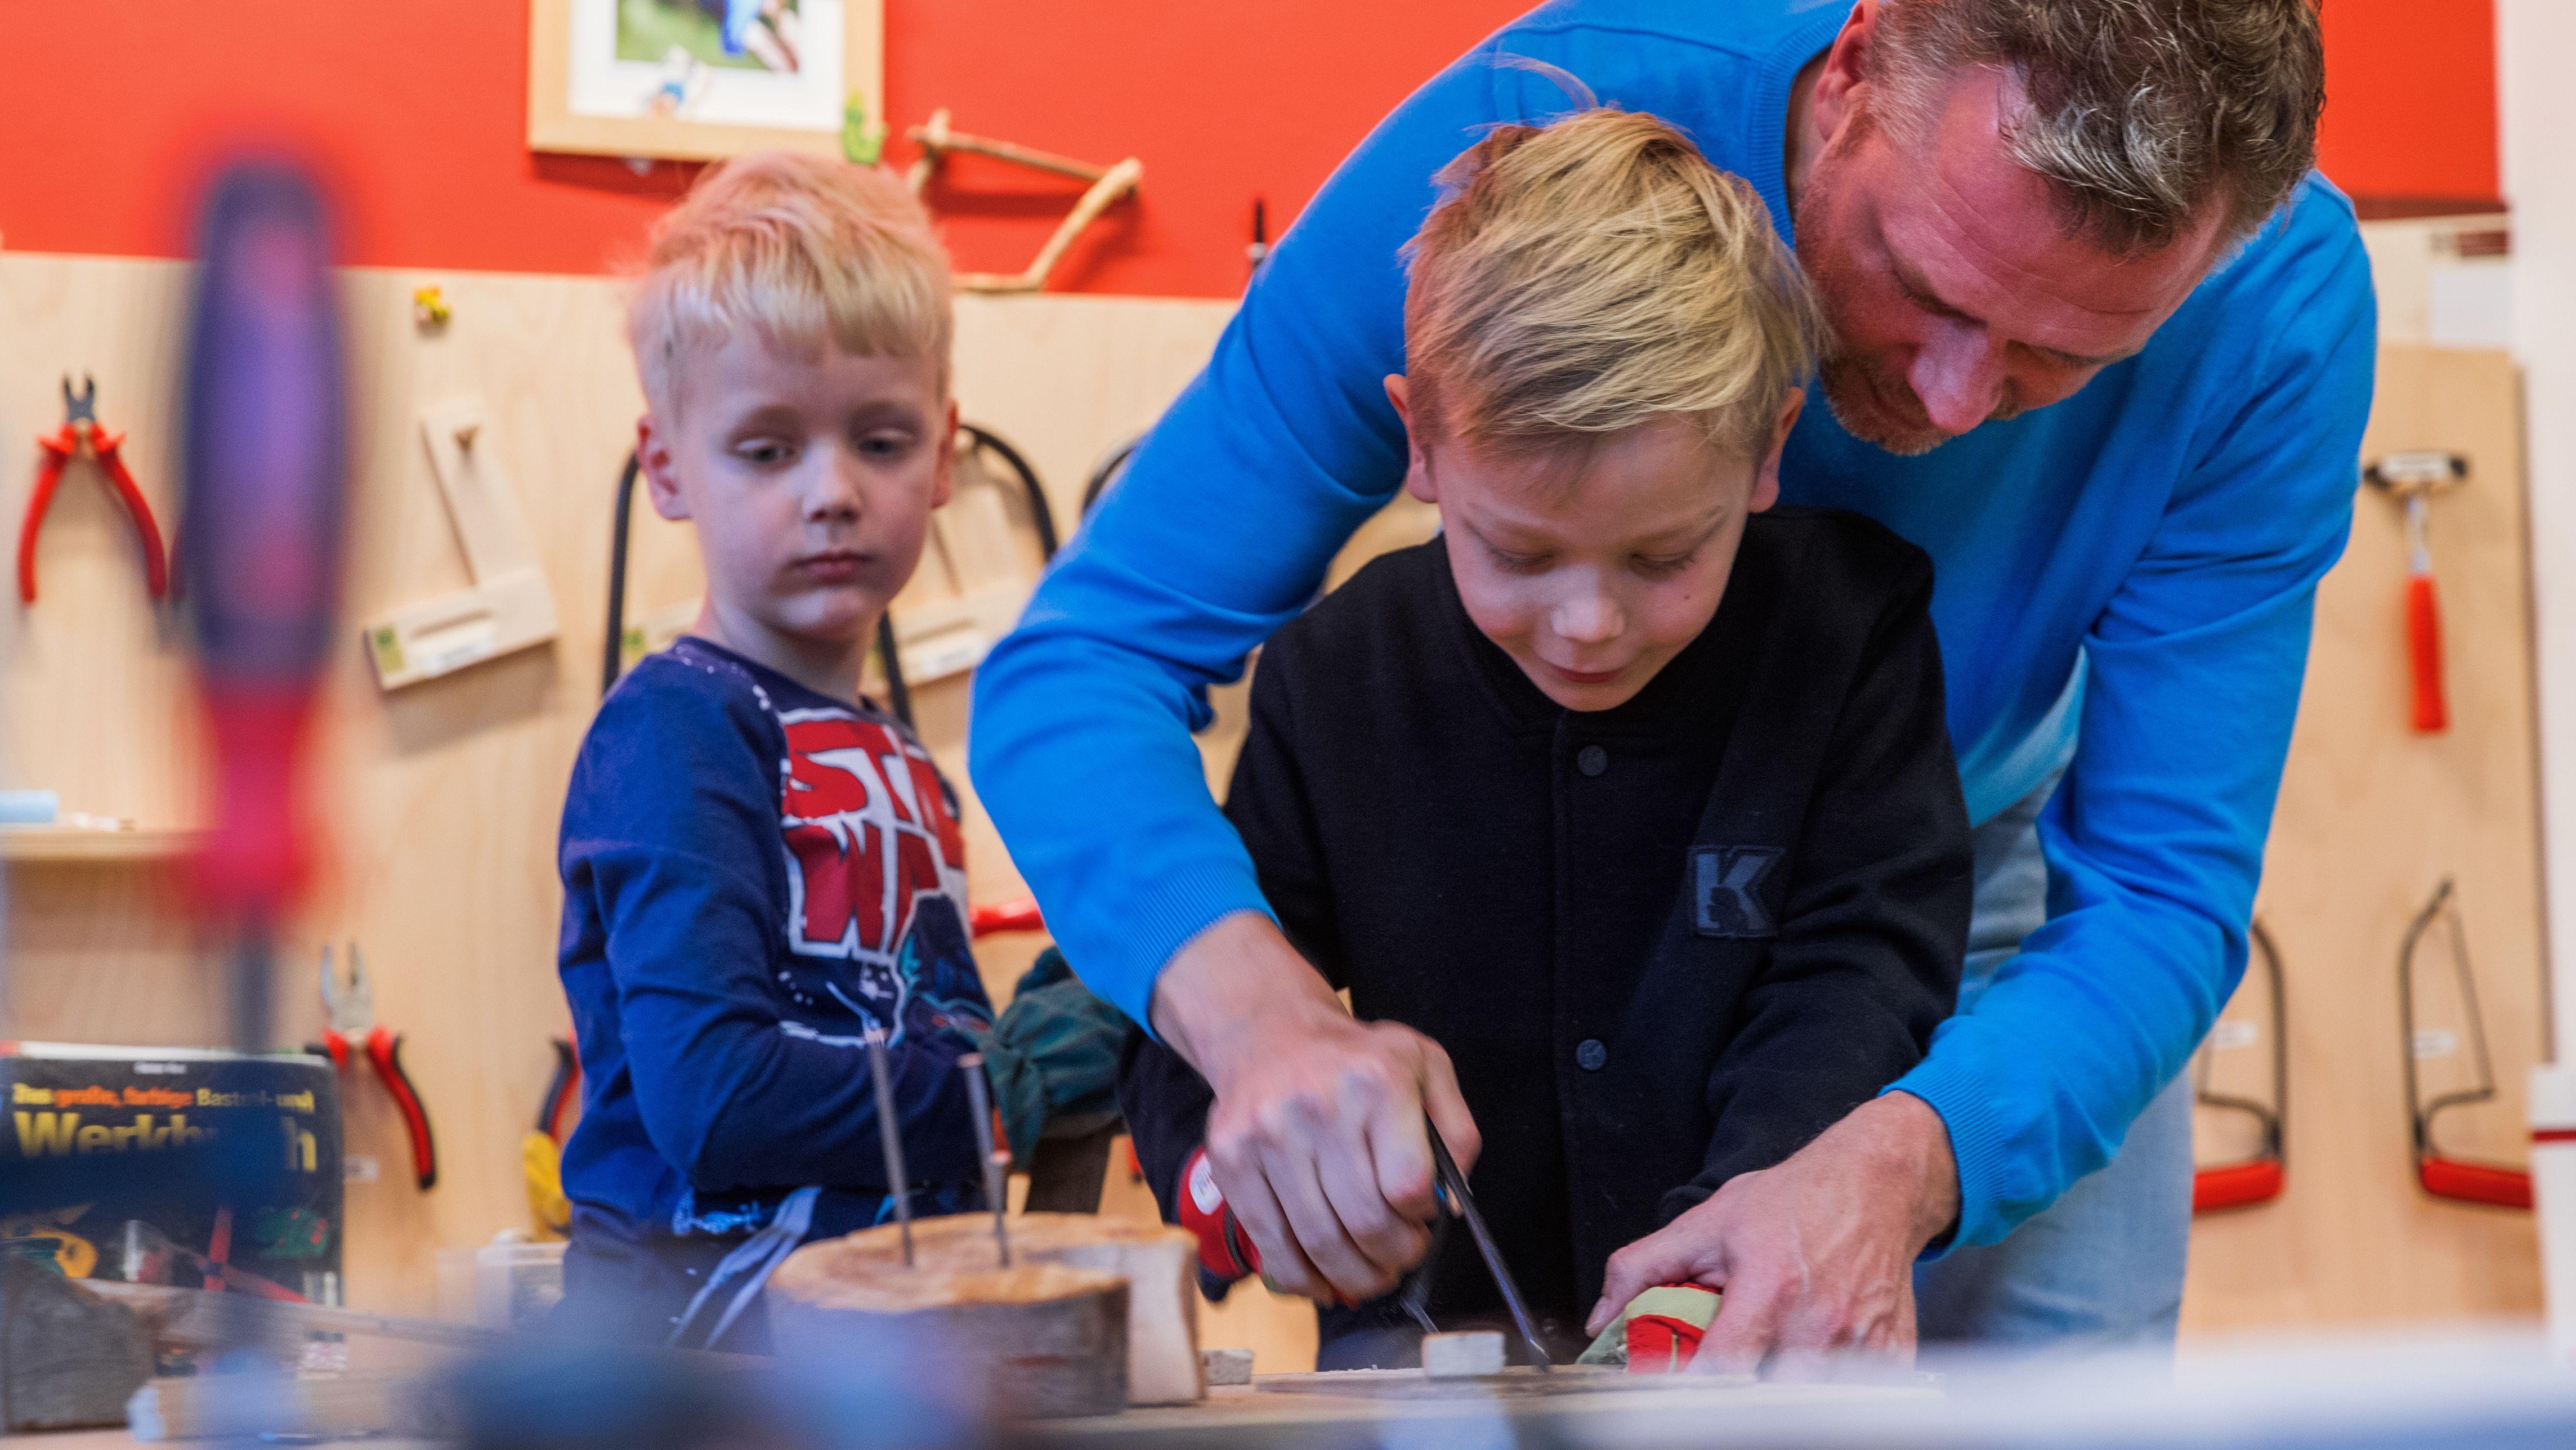 Ein Erzieher bastelt mit Kindern in einer Kindertagesstätte in der Holzwerkstatt (Symbolbild)